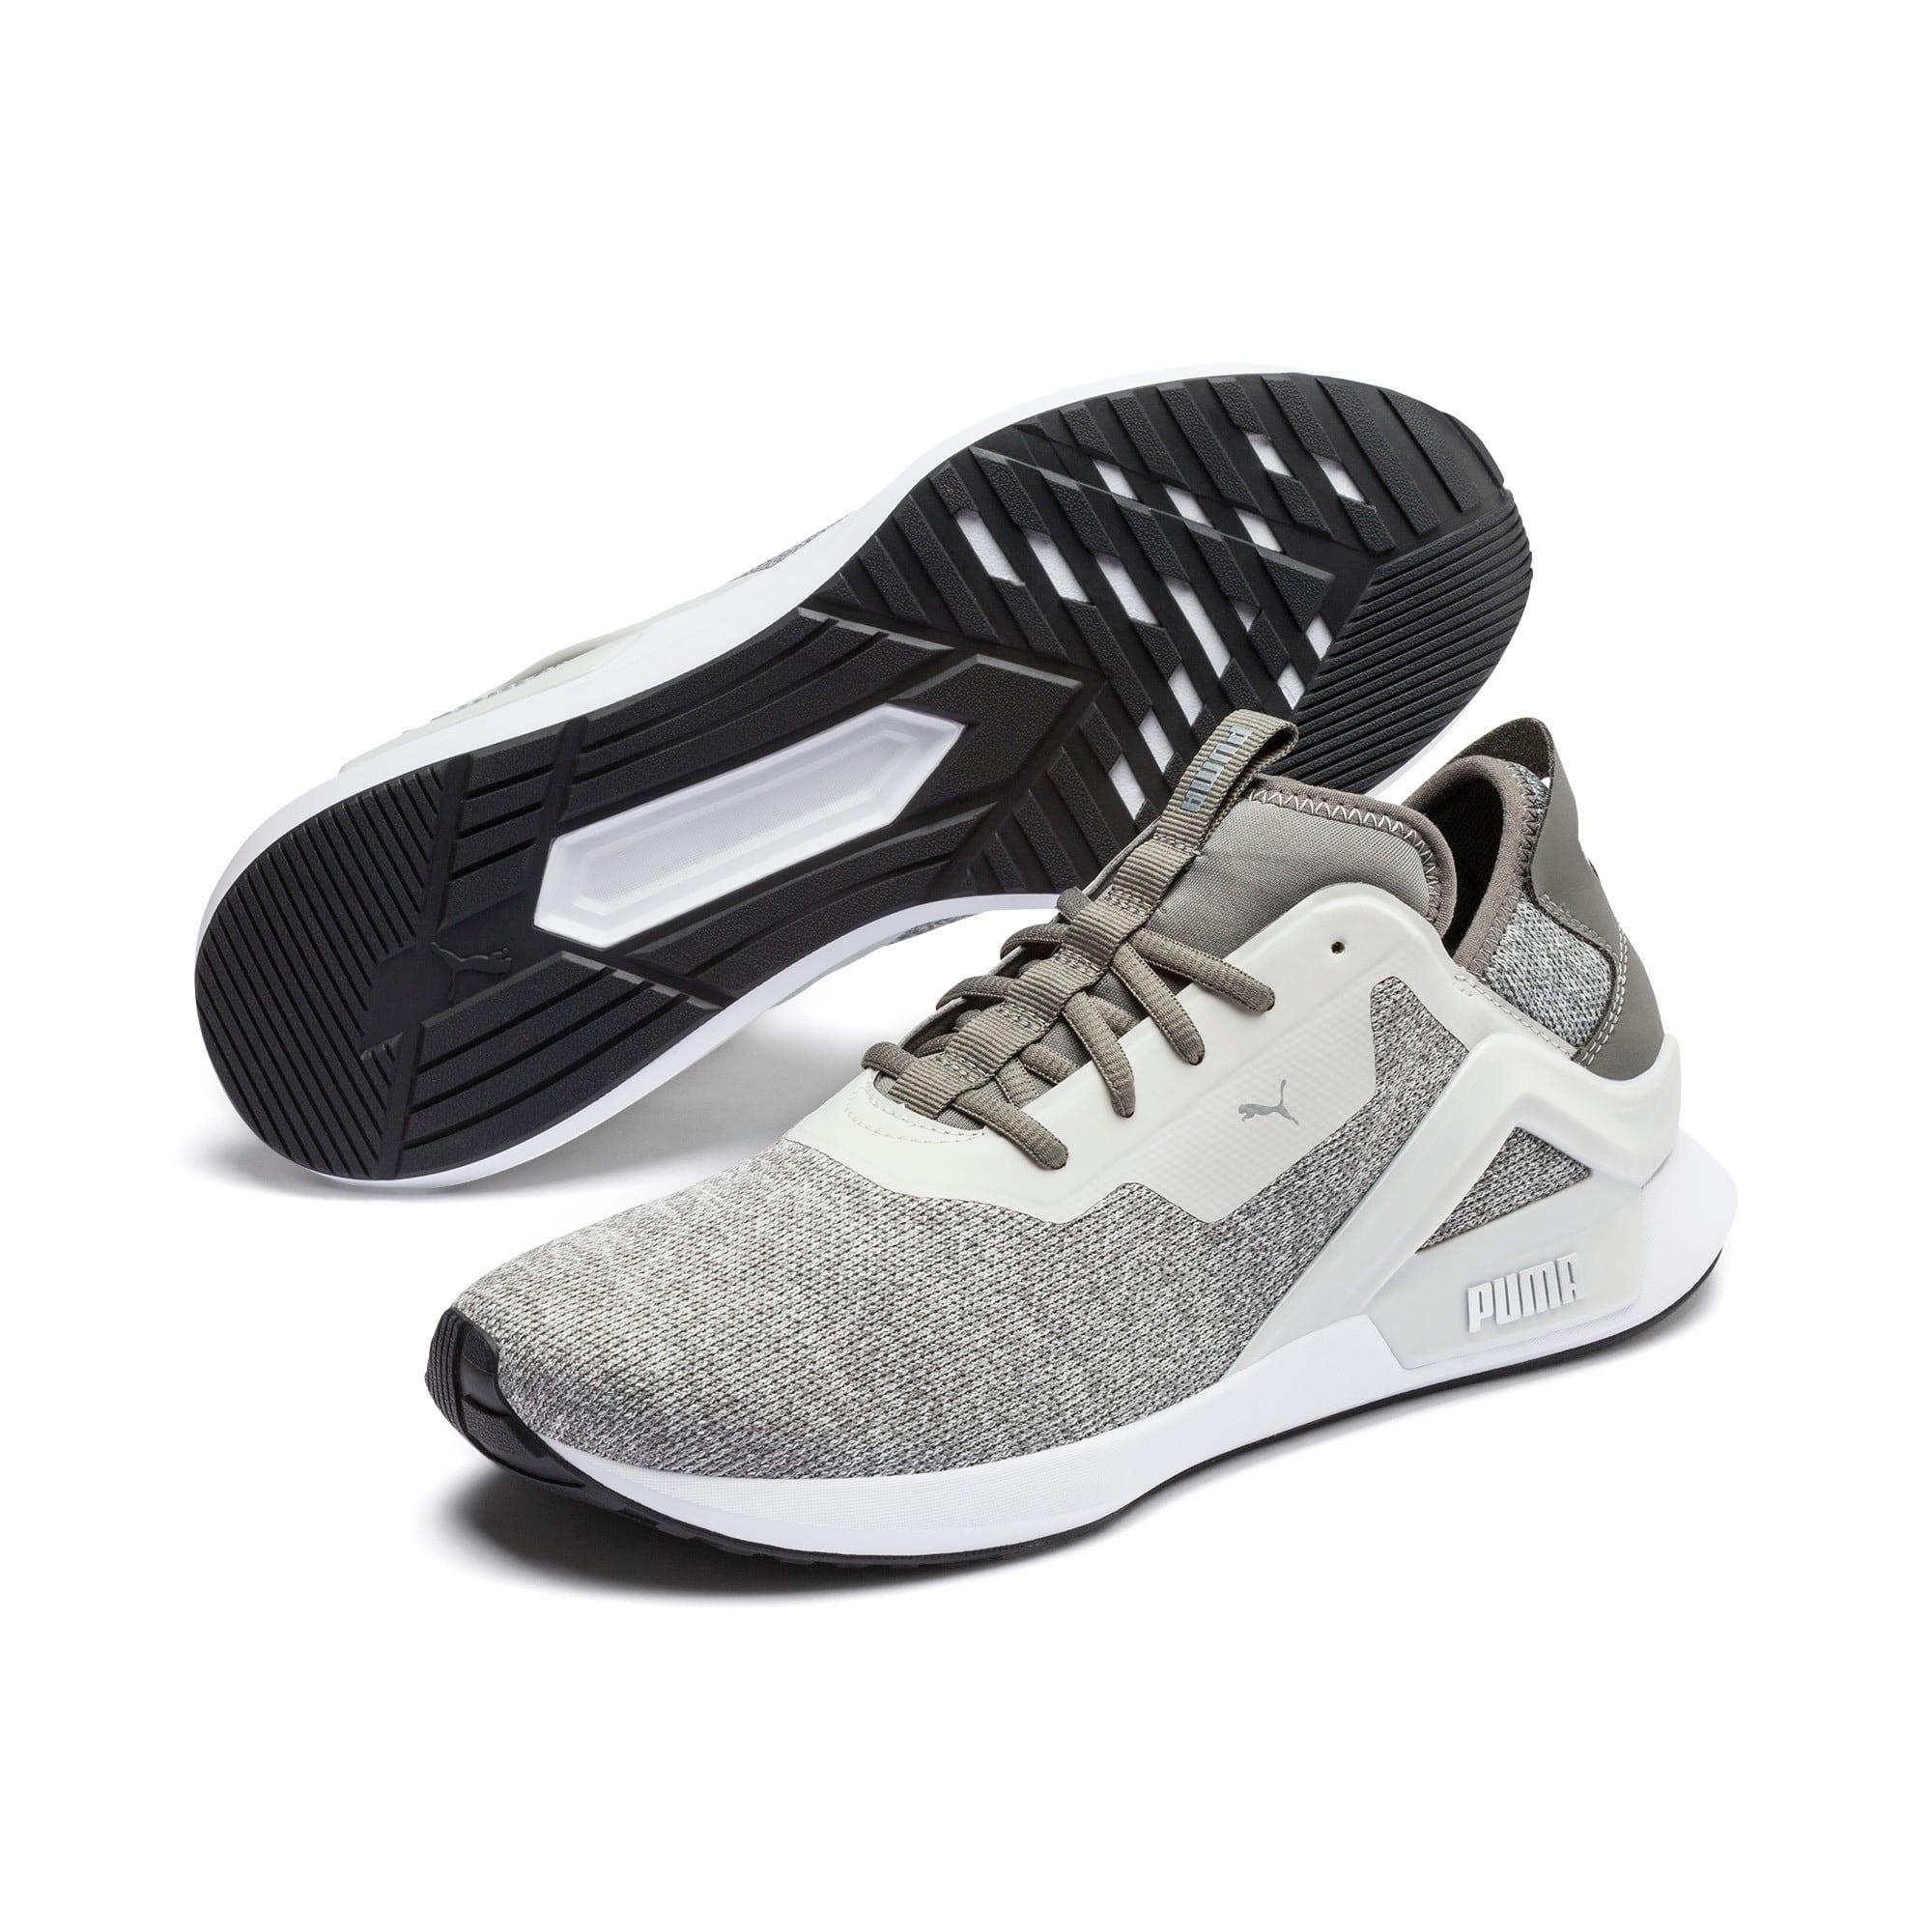 Miniatura 3 de Zapatos de entrenamiento Rogue X Knit para hombre, CASTLEROCK-Glacier Gray, mediano